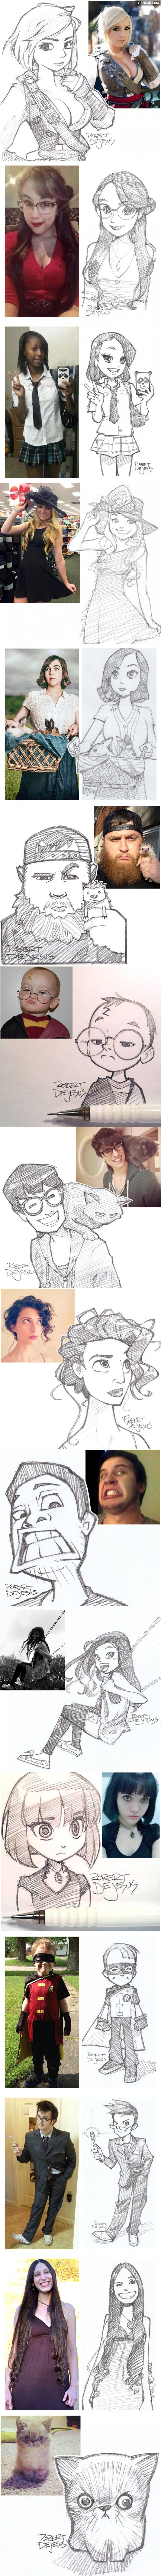 Pessoas e sua versão dos desenhos animados